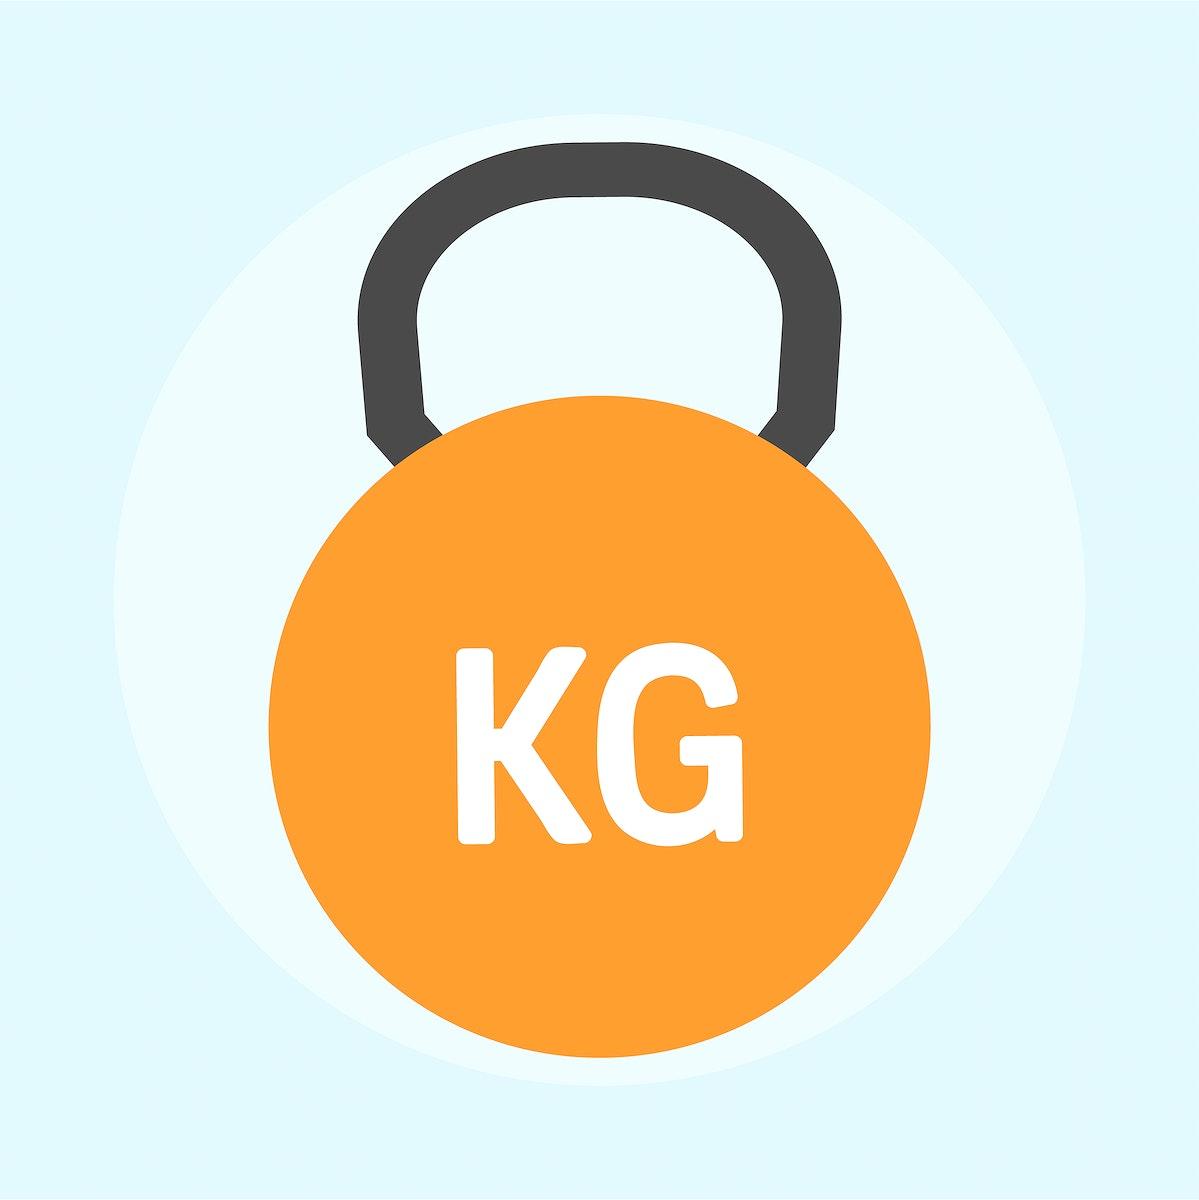 Illustration of a kettlebell